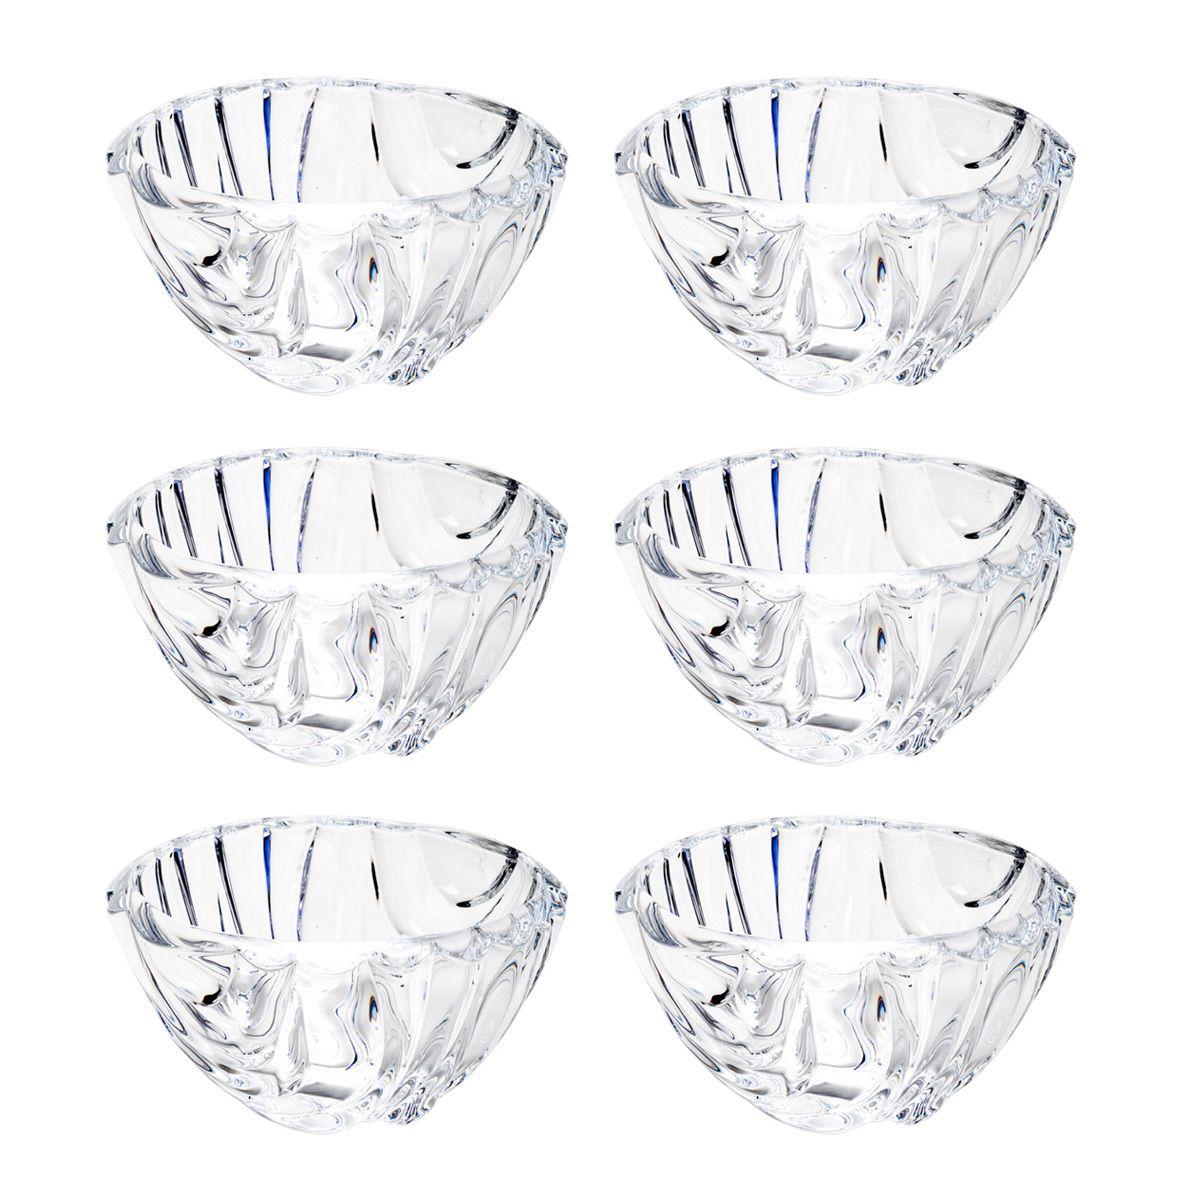 Jogo 6 bowls 11,5 cm para sobremesa de cristal transparente Bamboo Wolff - 26296